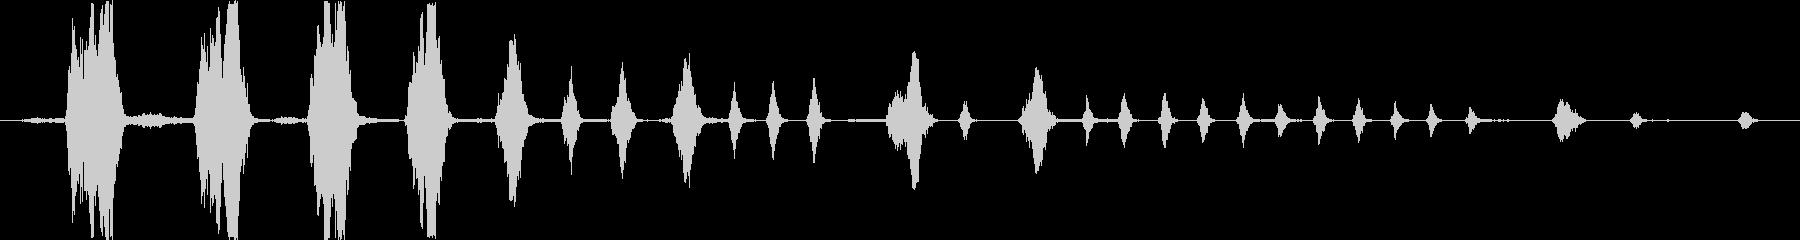 ライオンのar音。大規模。サラウン...の未再生の波形